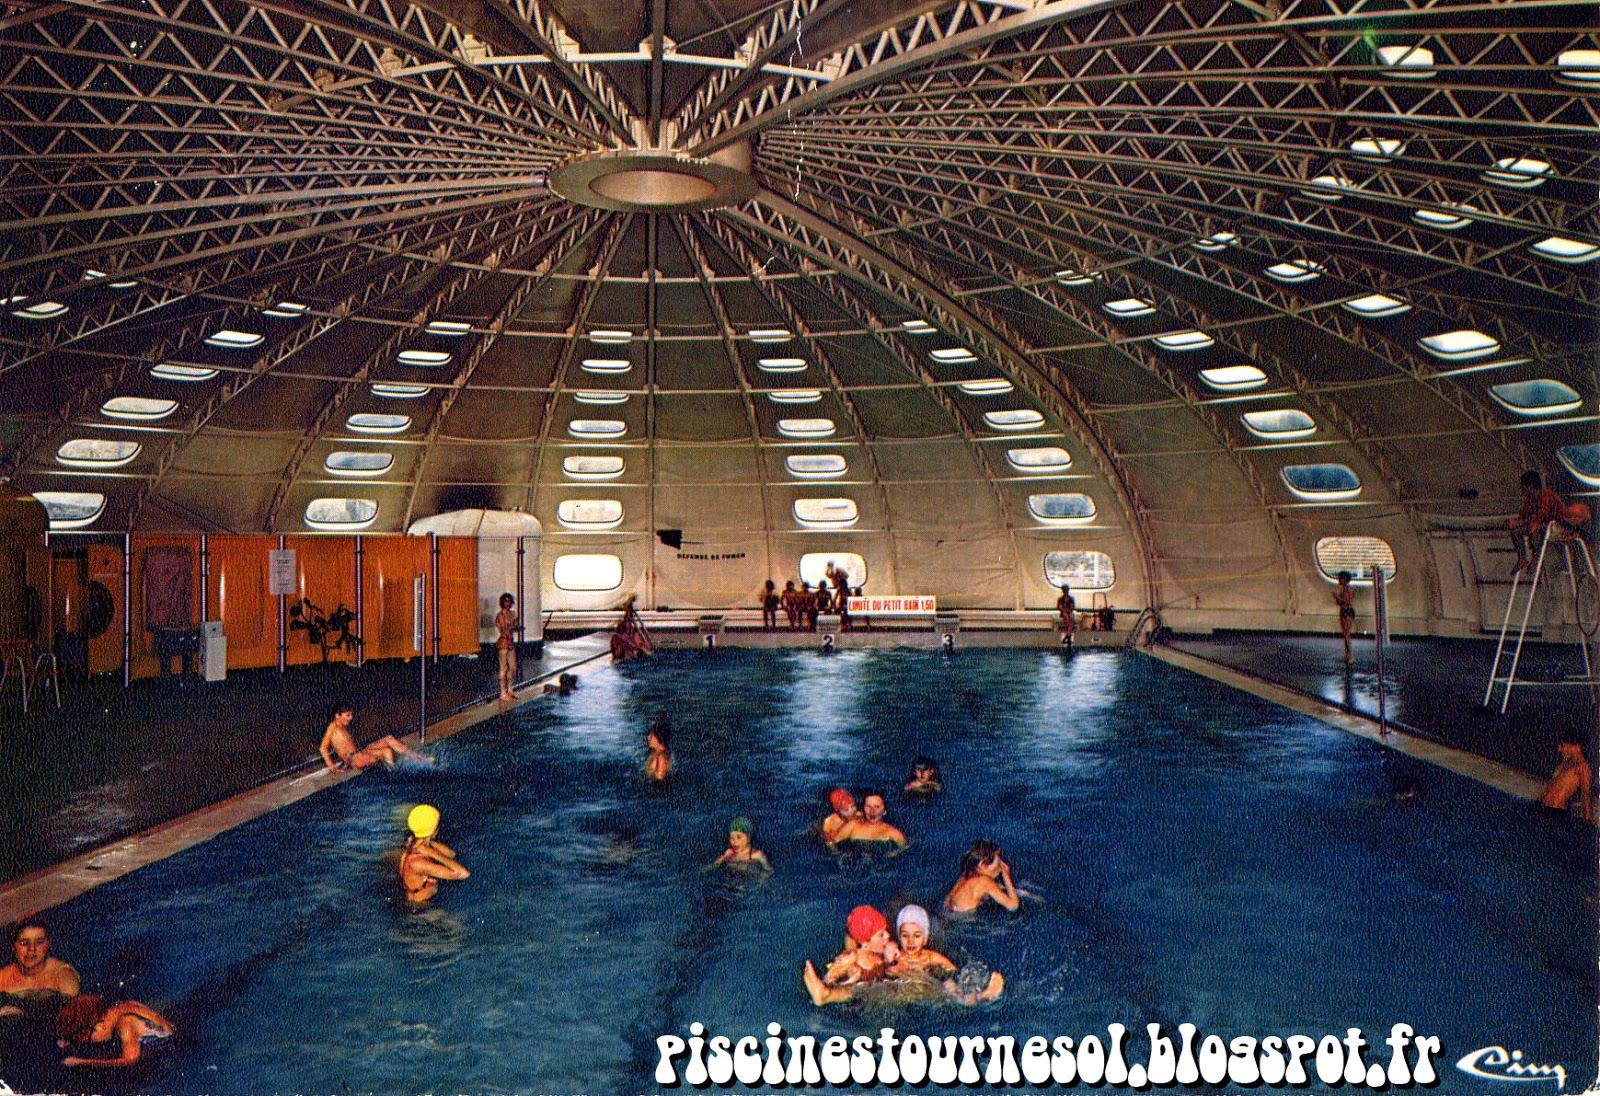 Piscines tournesol piscine tournesol cours la ville for Piscine de molenbeek cours de natation